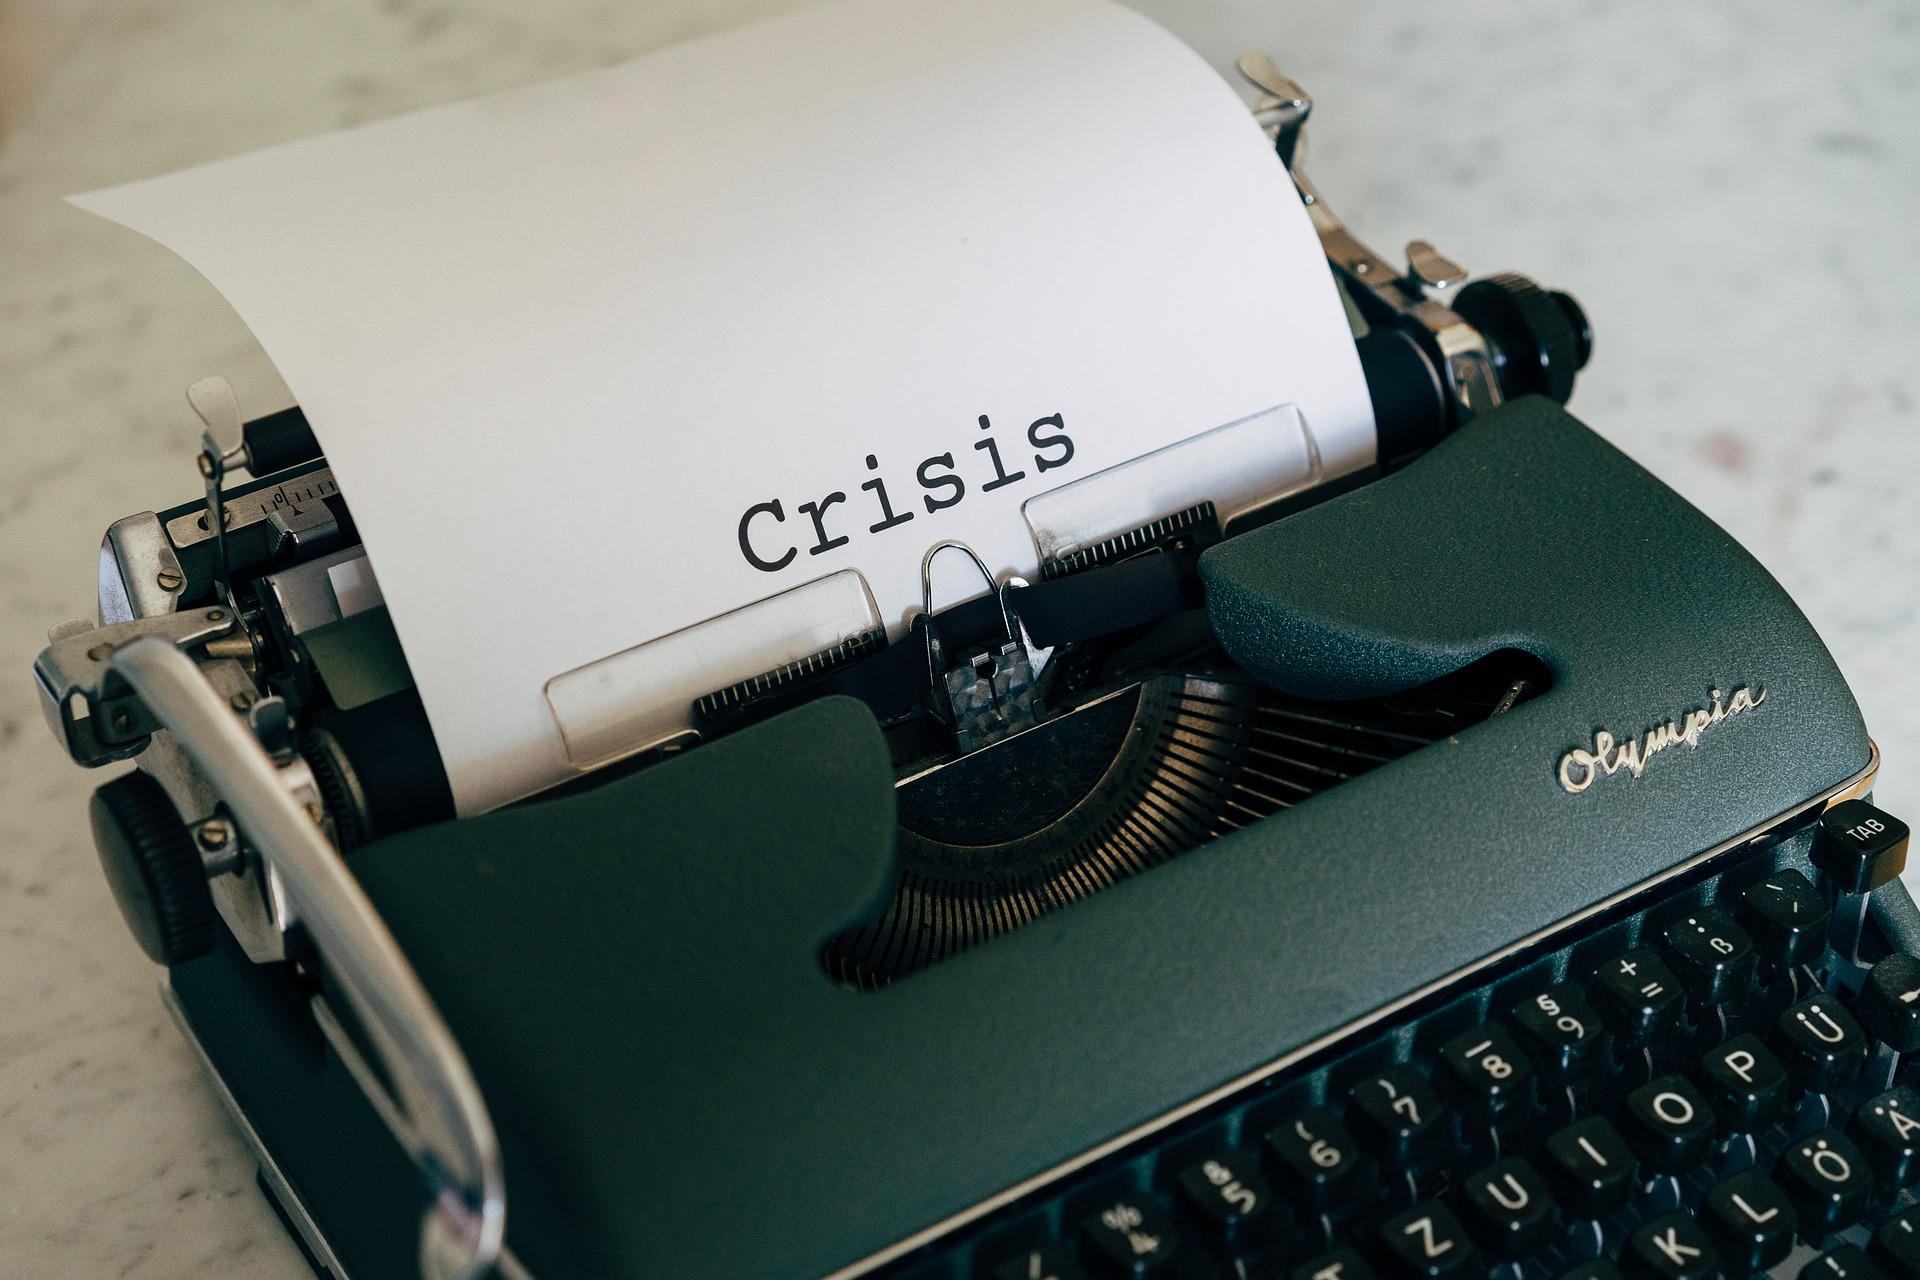 Crisis wrote on typewriter